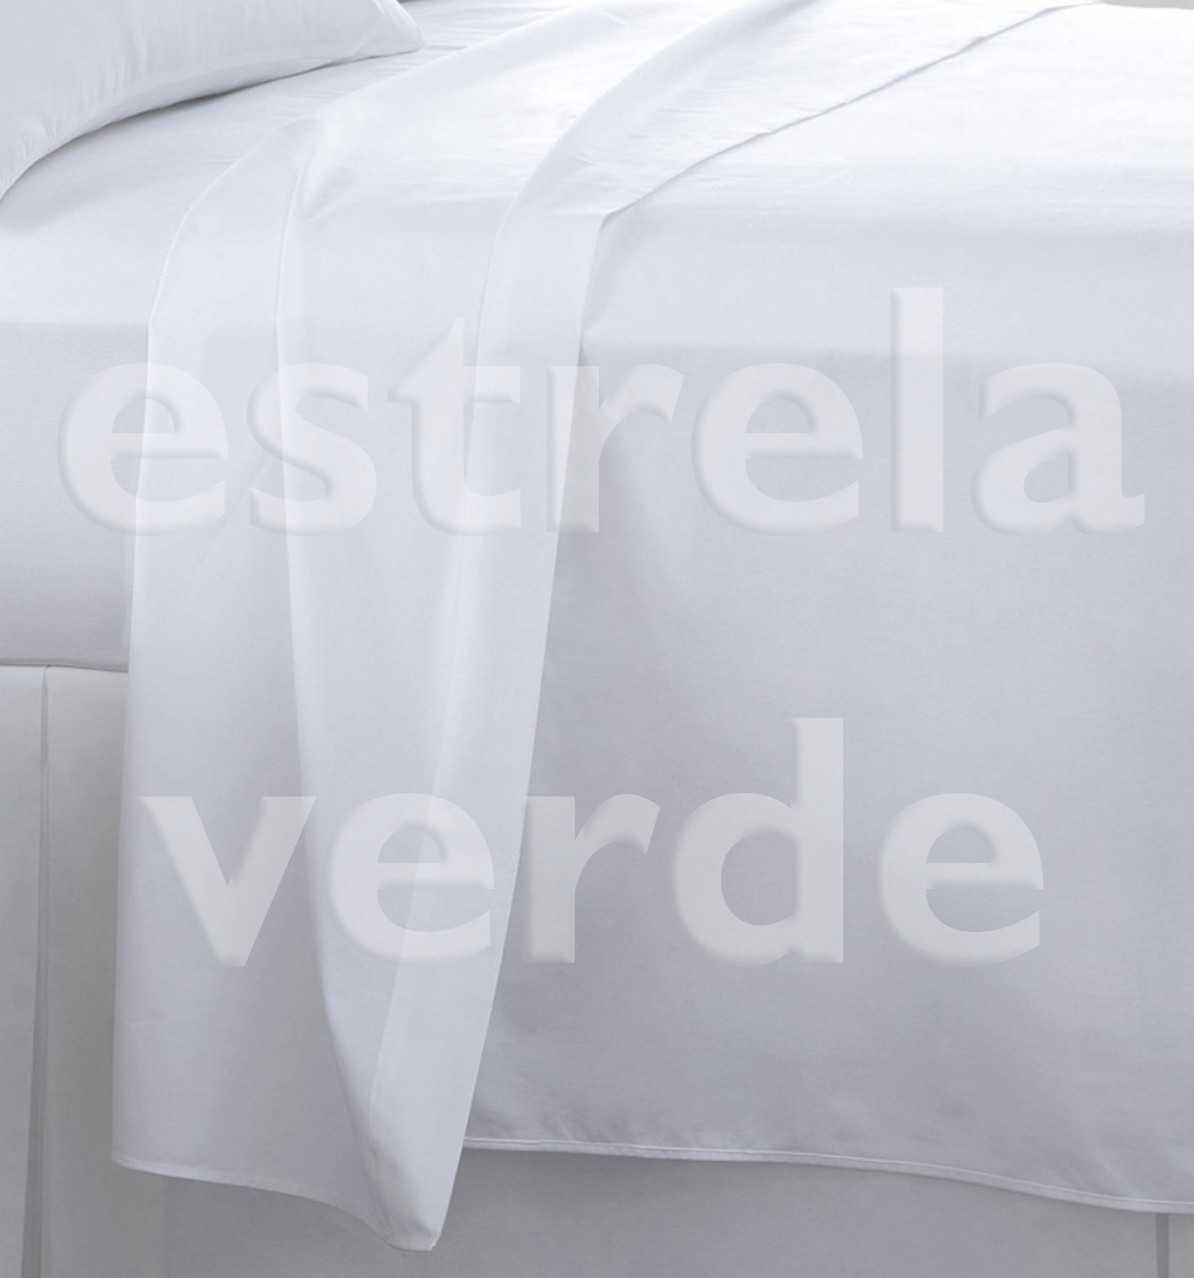 TECIDO LENCOL PERCAL BRANCO 230 FIOS 2,50 LARG  - Estrela Verde